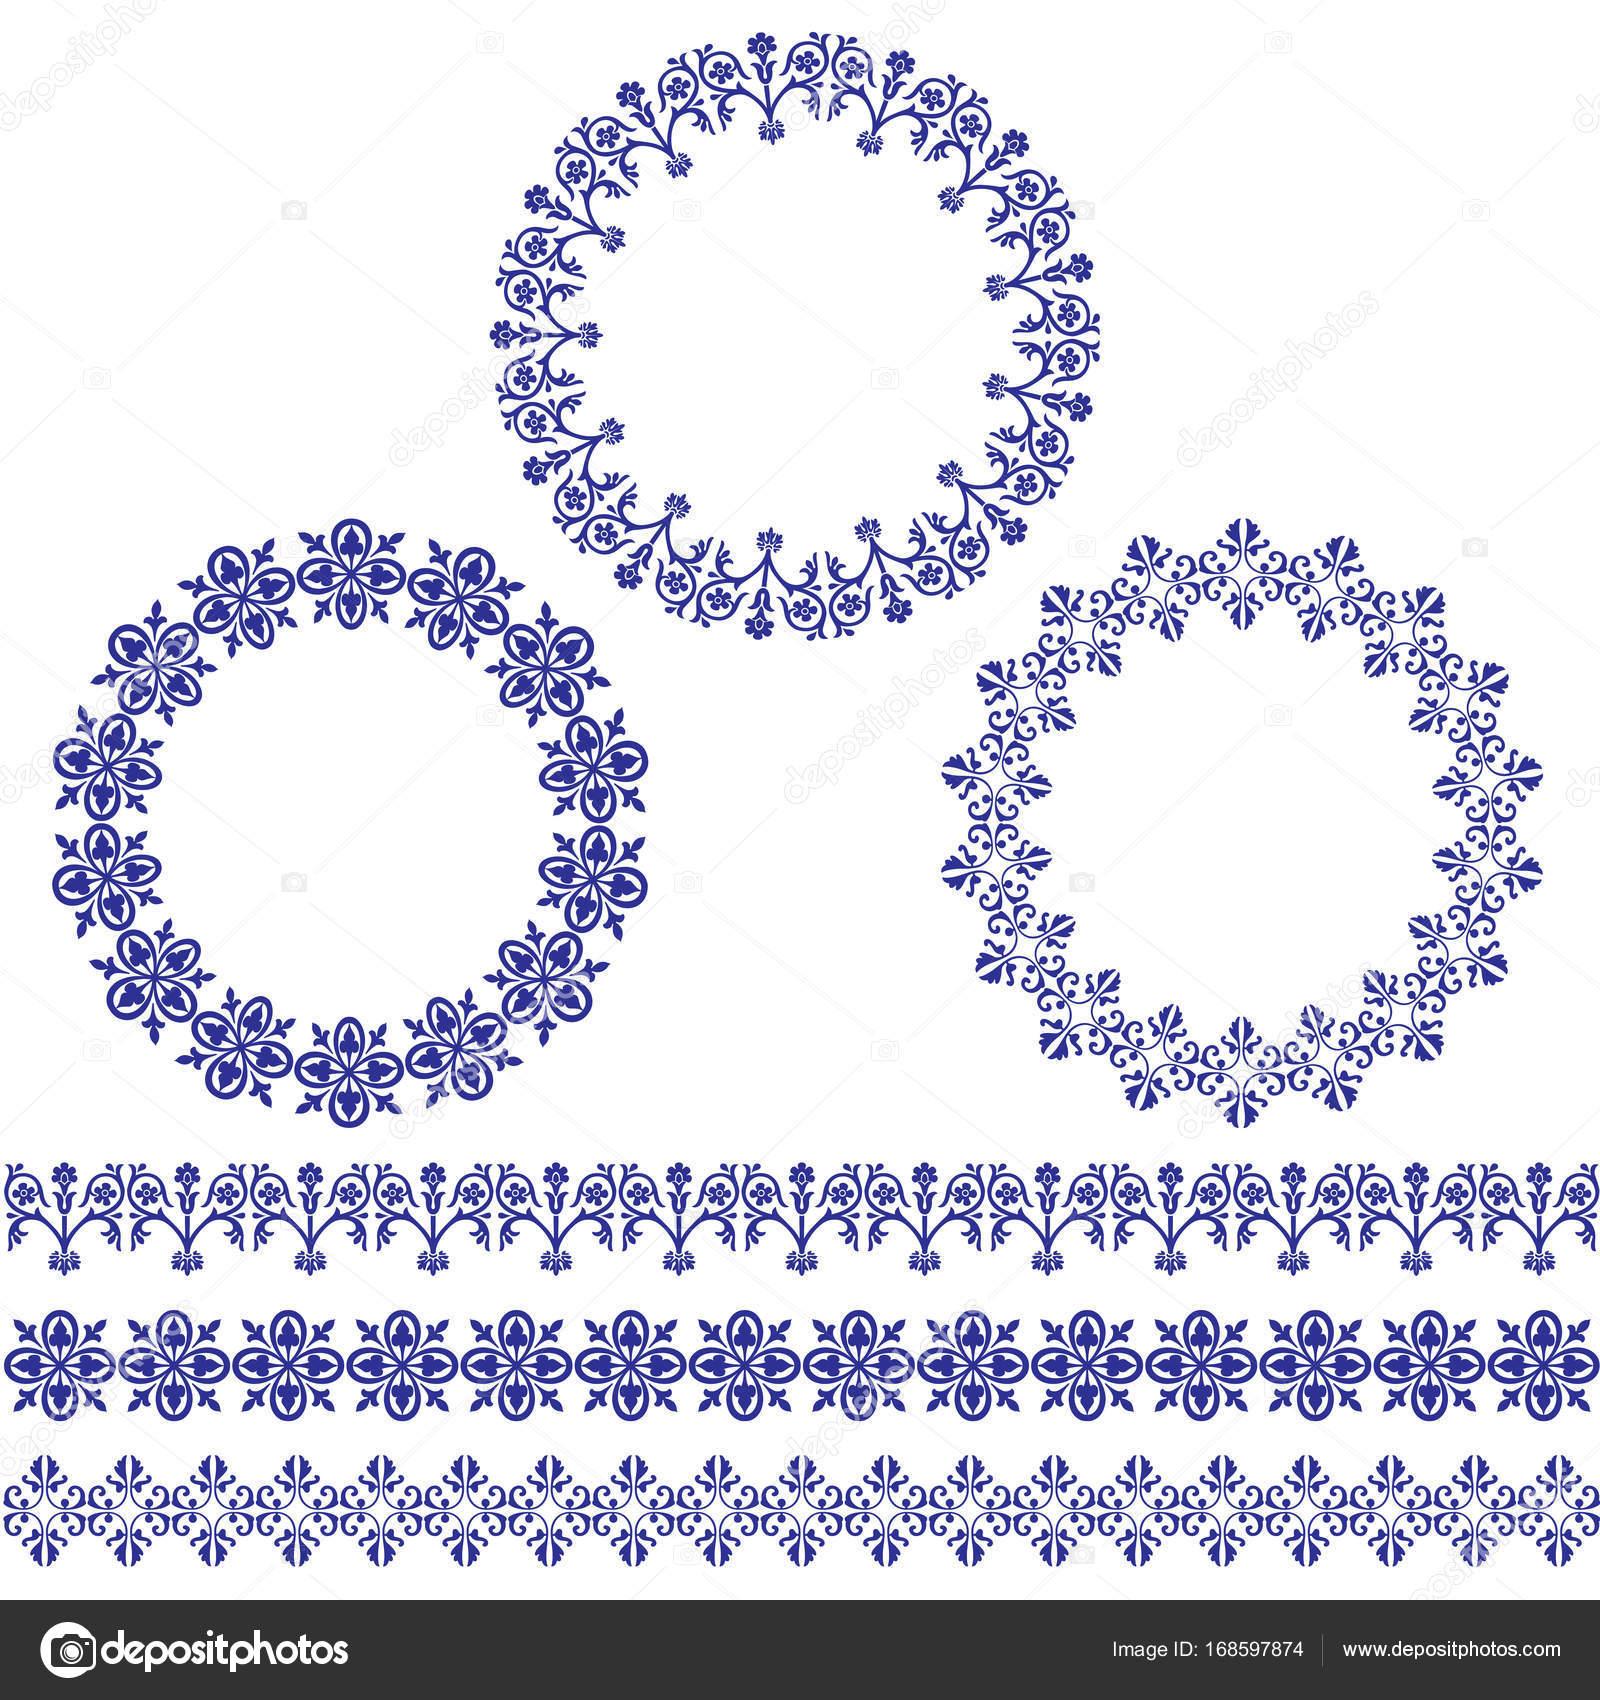 azul Marcos círculo y patrones de la frontera — Archivo Imágenes ...